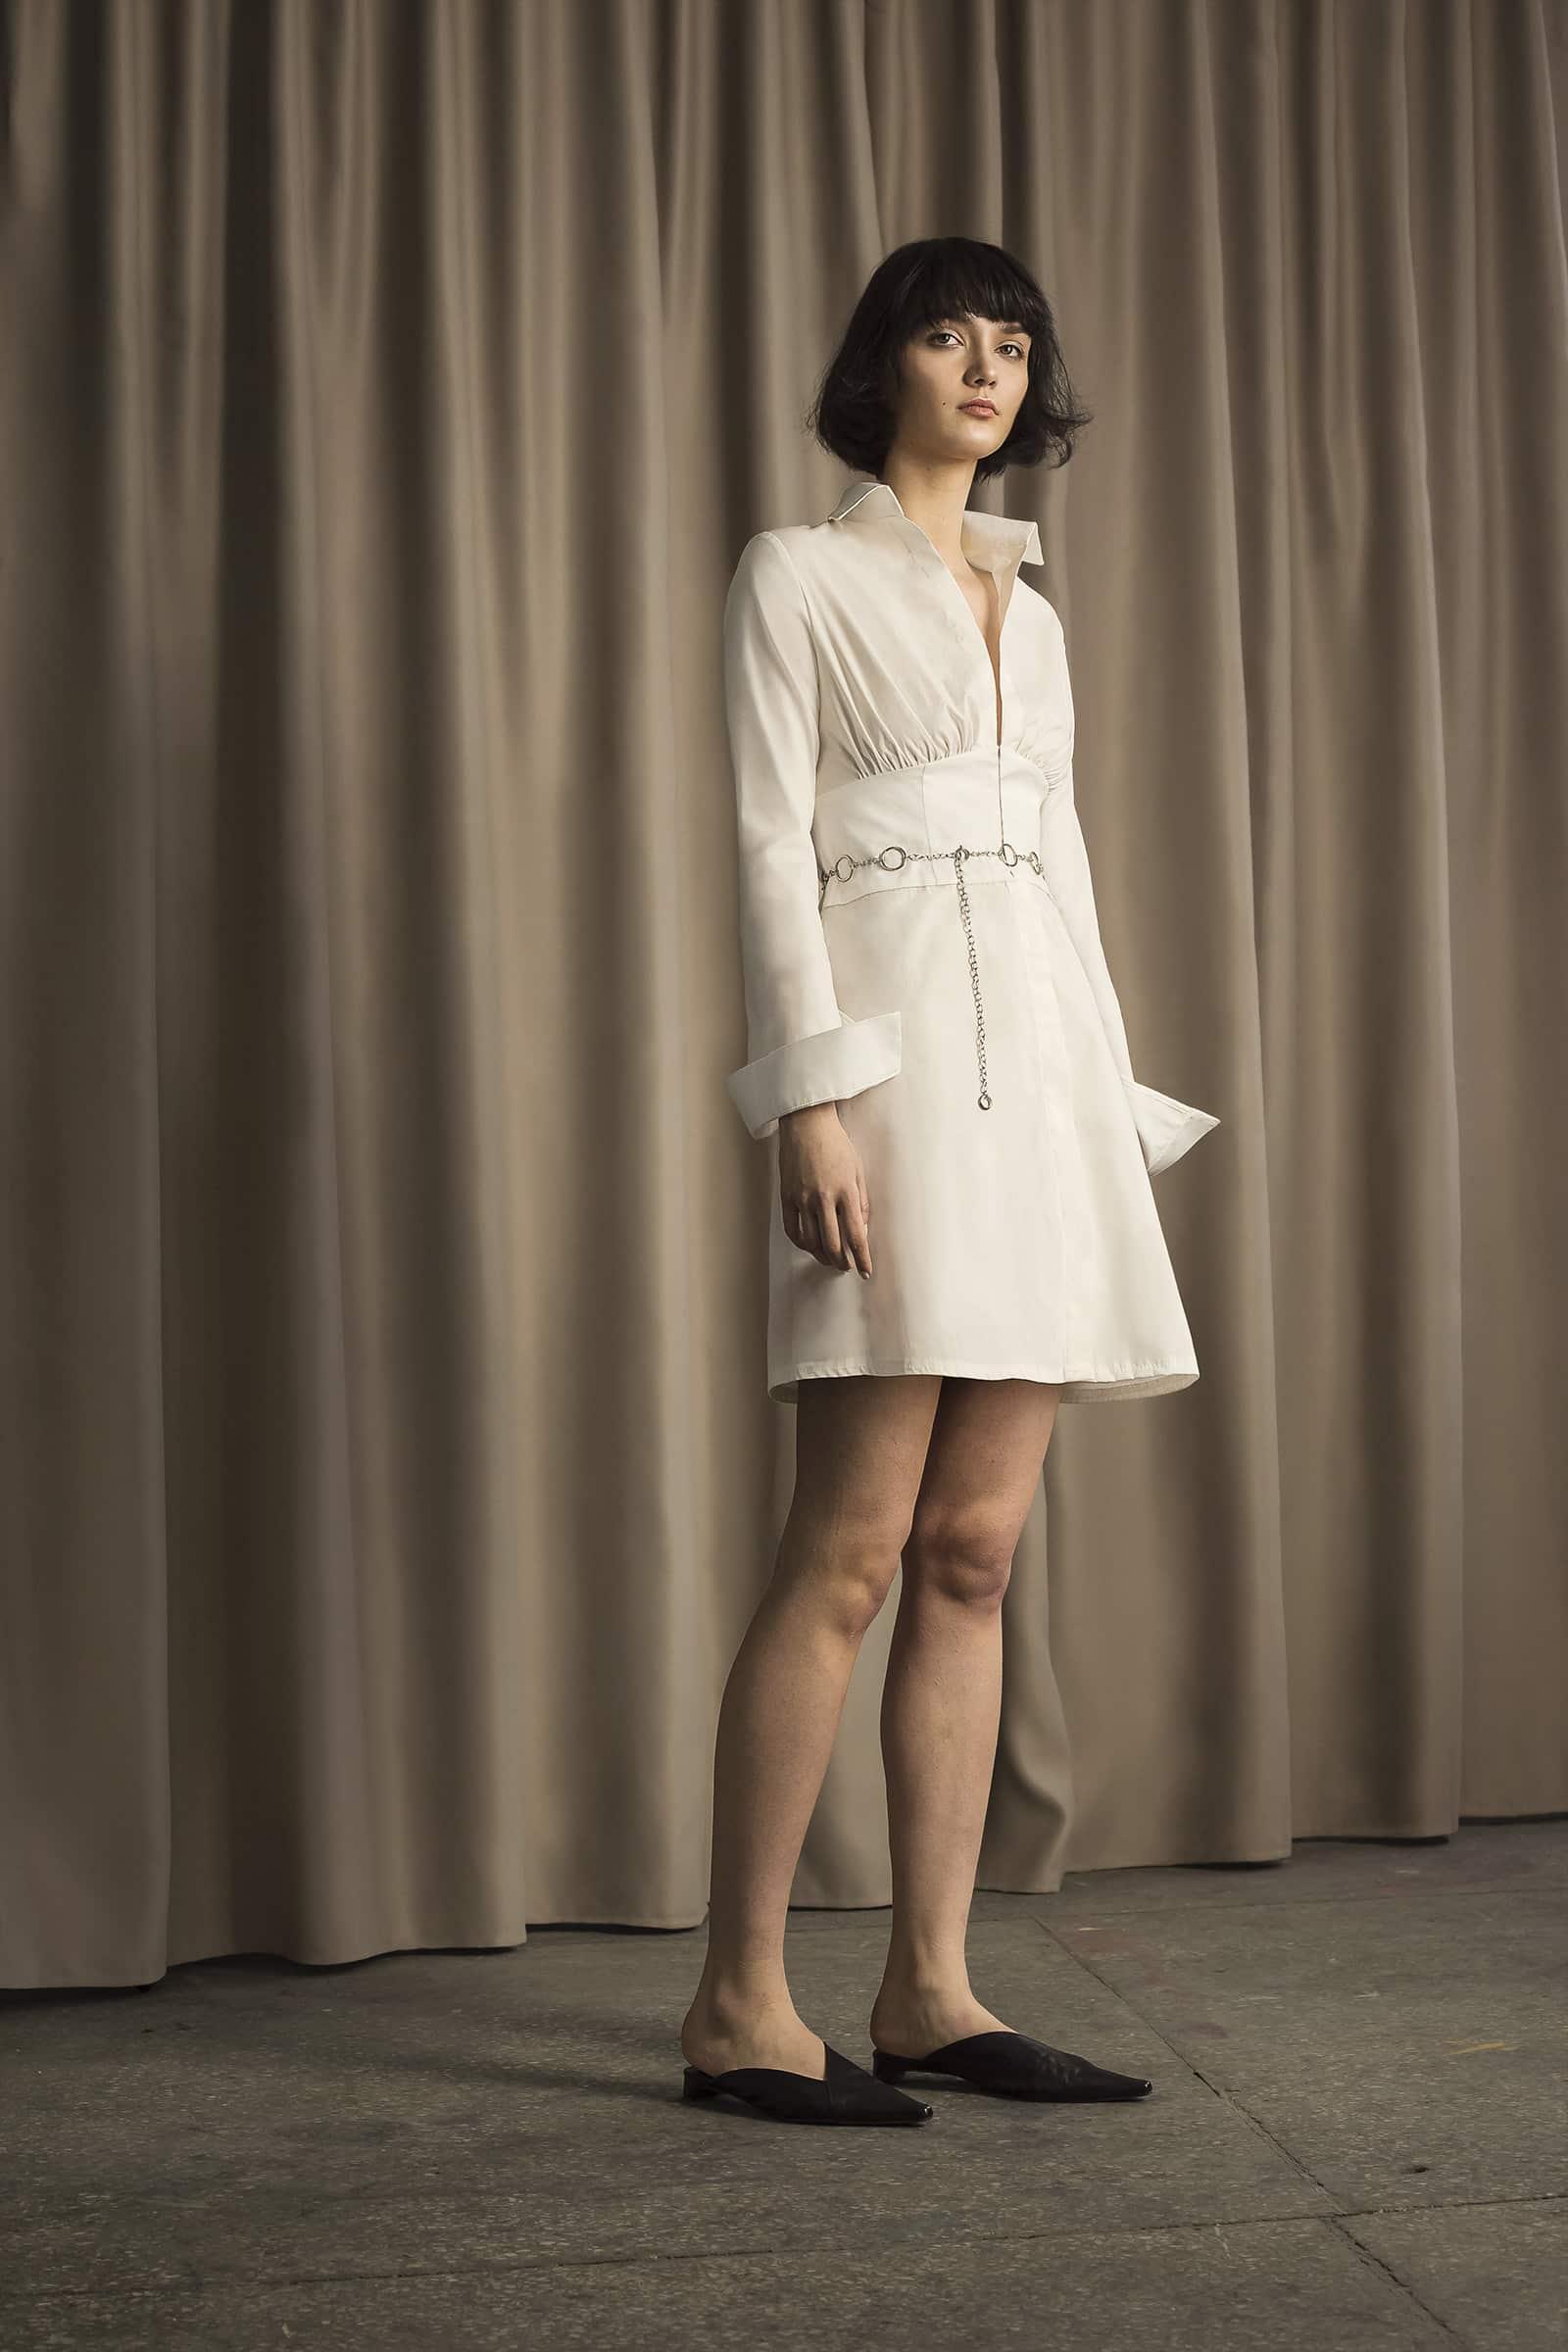 sukienka-koszulowa-z-gorsetem_cyvonyuk_lookbook_C_02